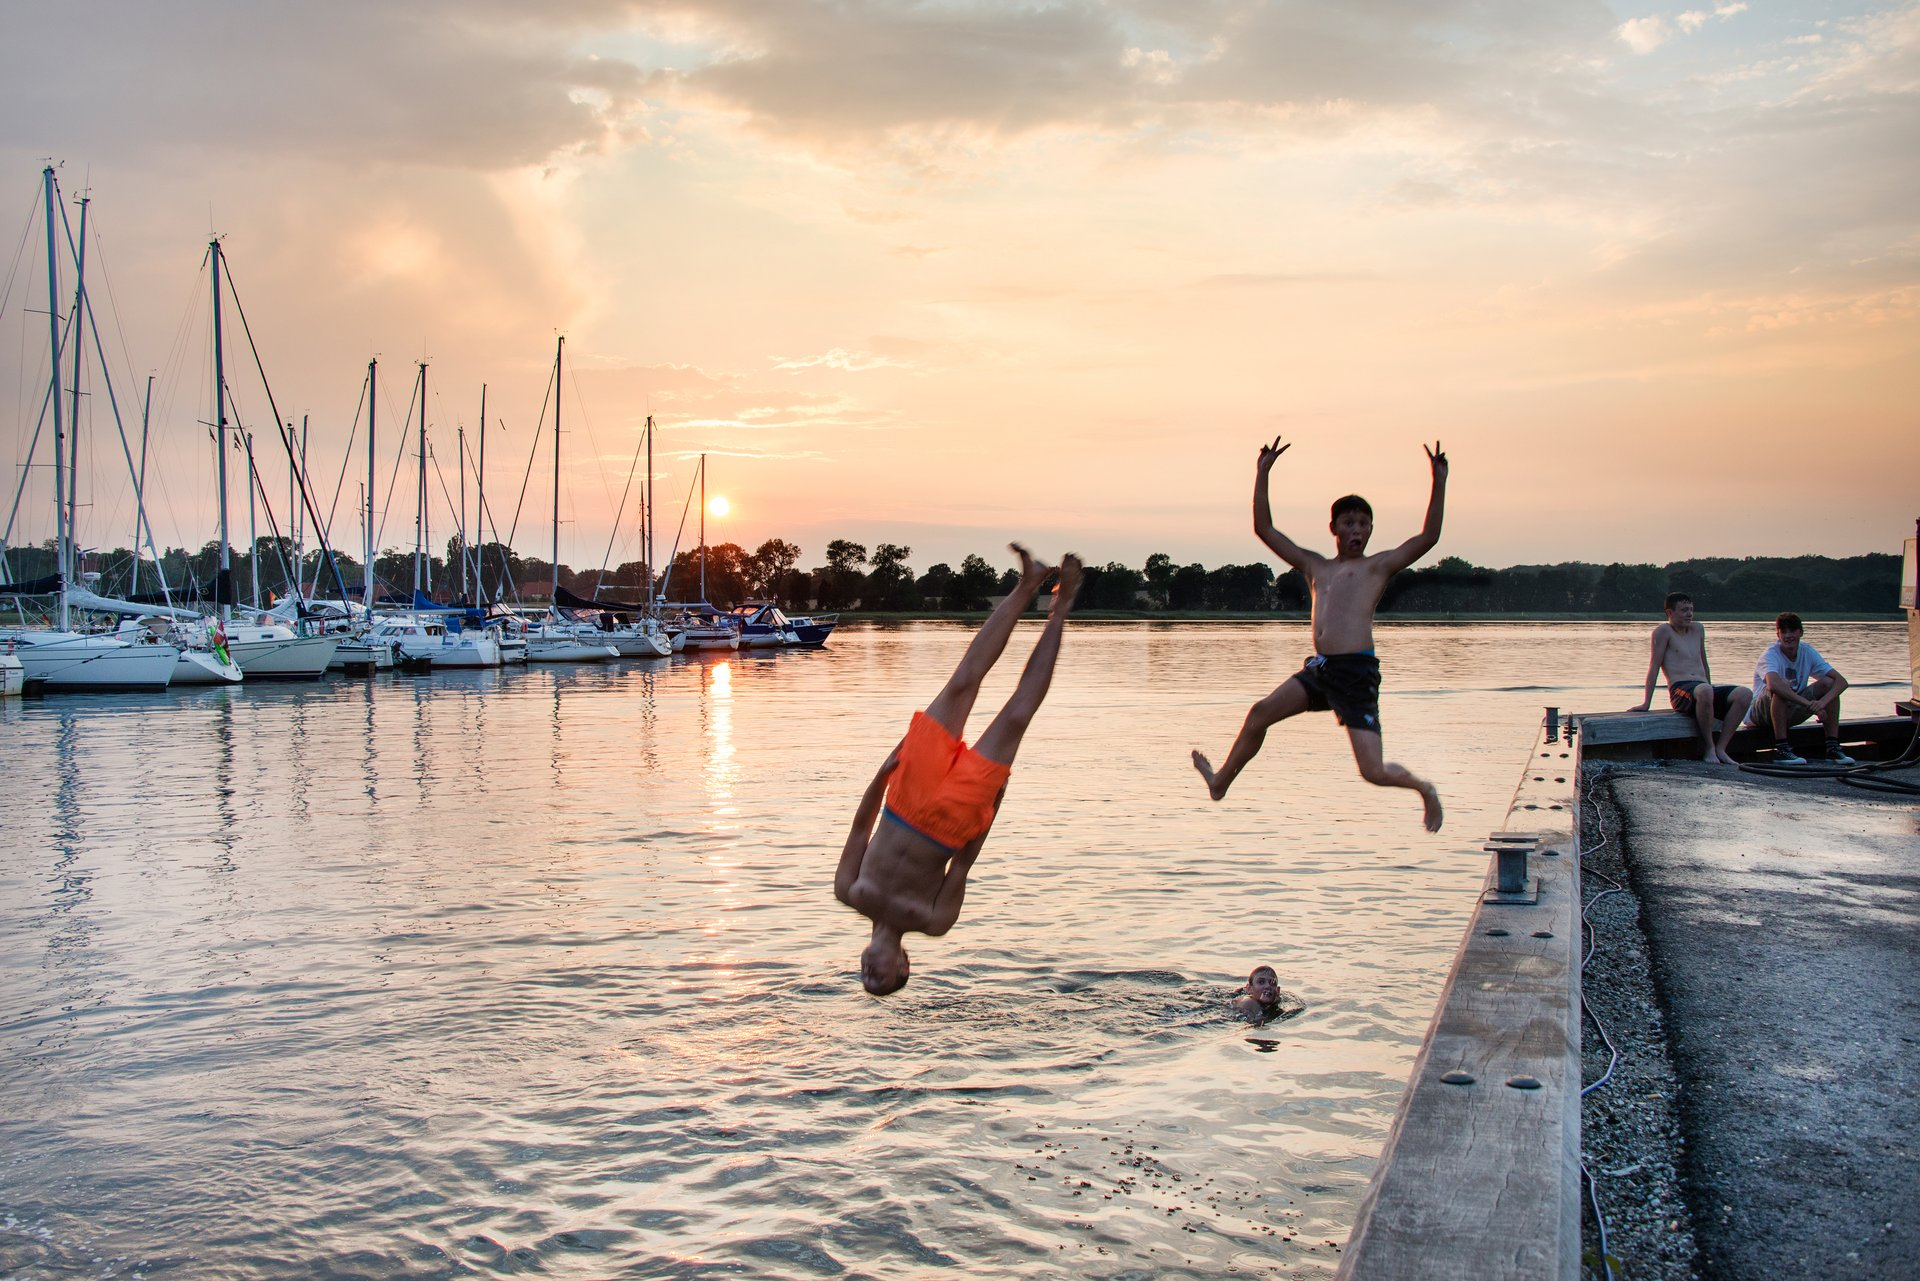 """""""Reelt ved vi ikke, hvor meget gang i turismen, der kommer og hvornår,"""" lyder det fra VisitDenmarks administrerende direktør og bestyrelsesformand. Her arkivfoto fra Præstø Havn, foto Thomas Rousing for VisitDenmark."""